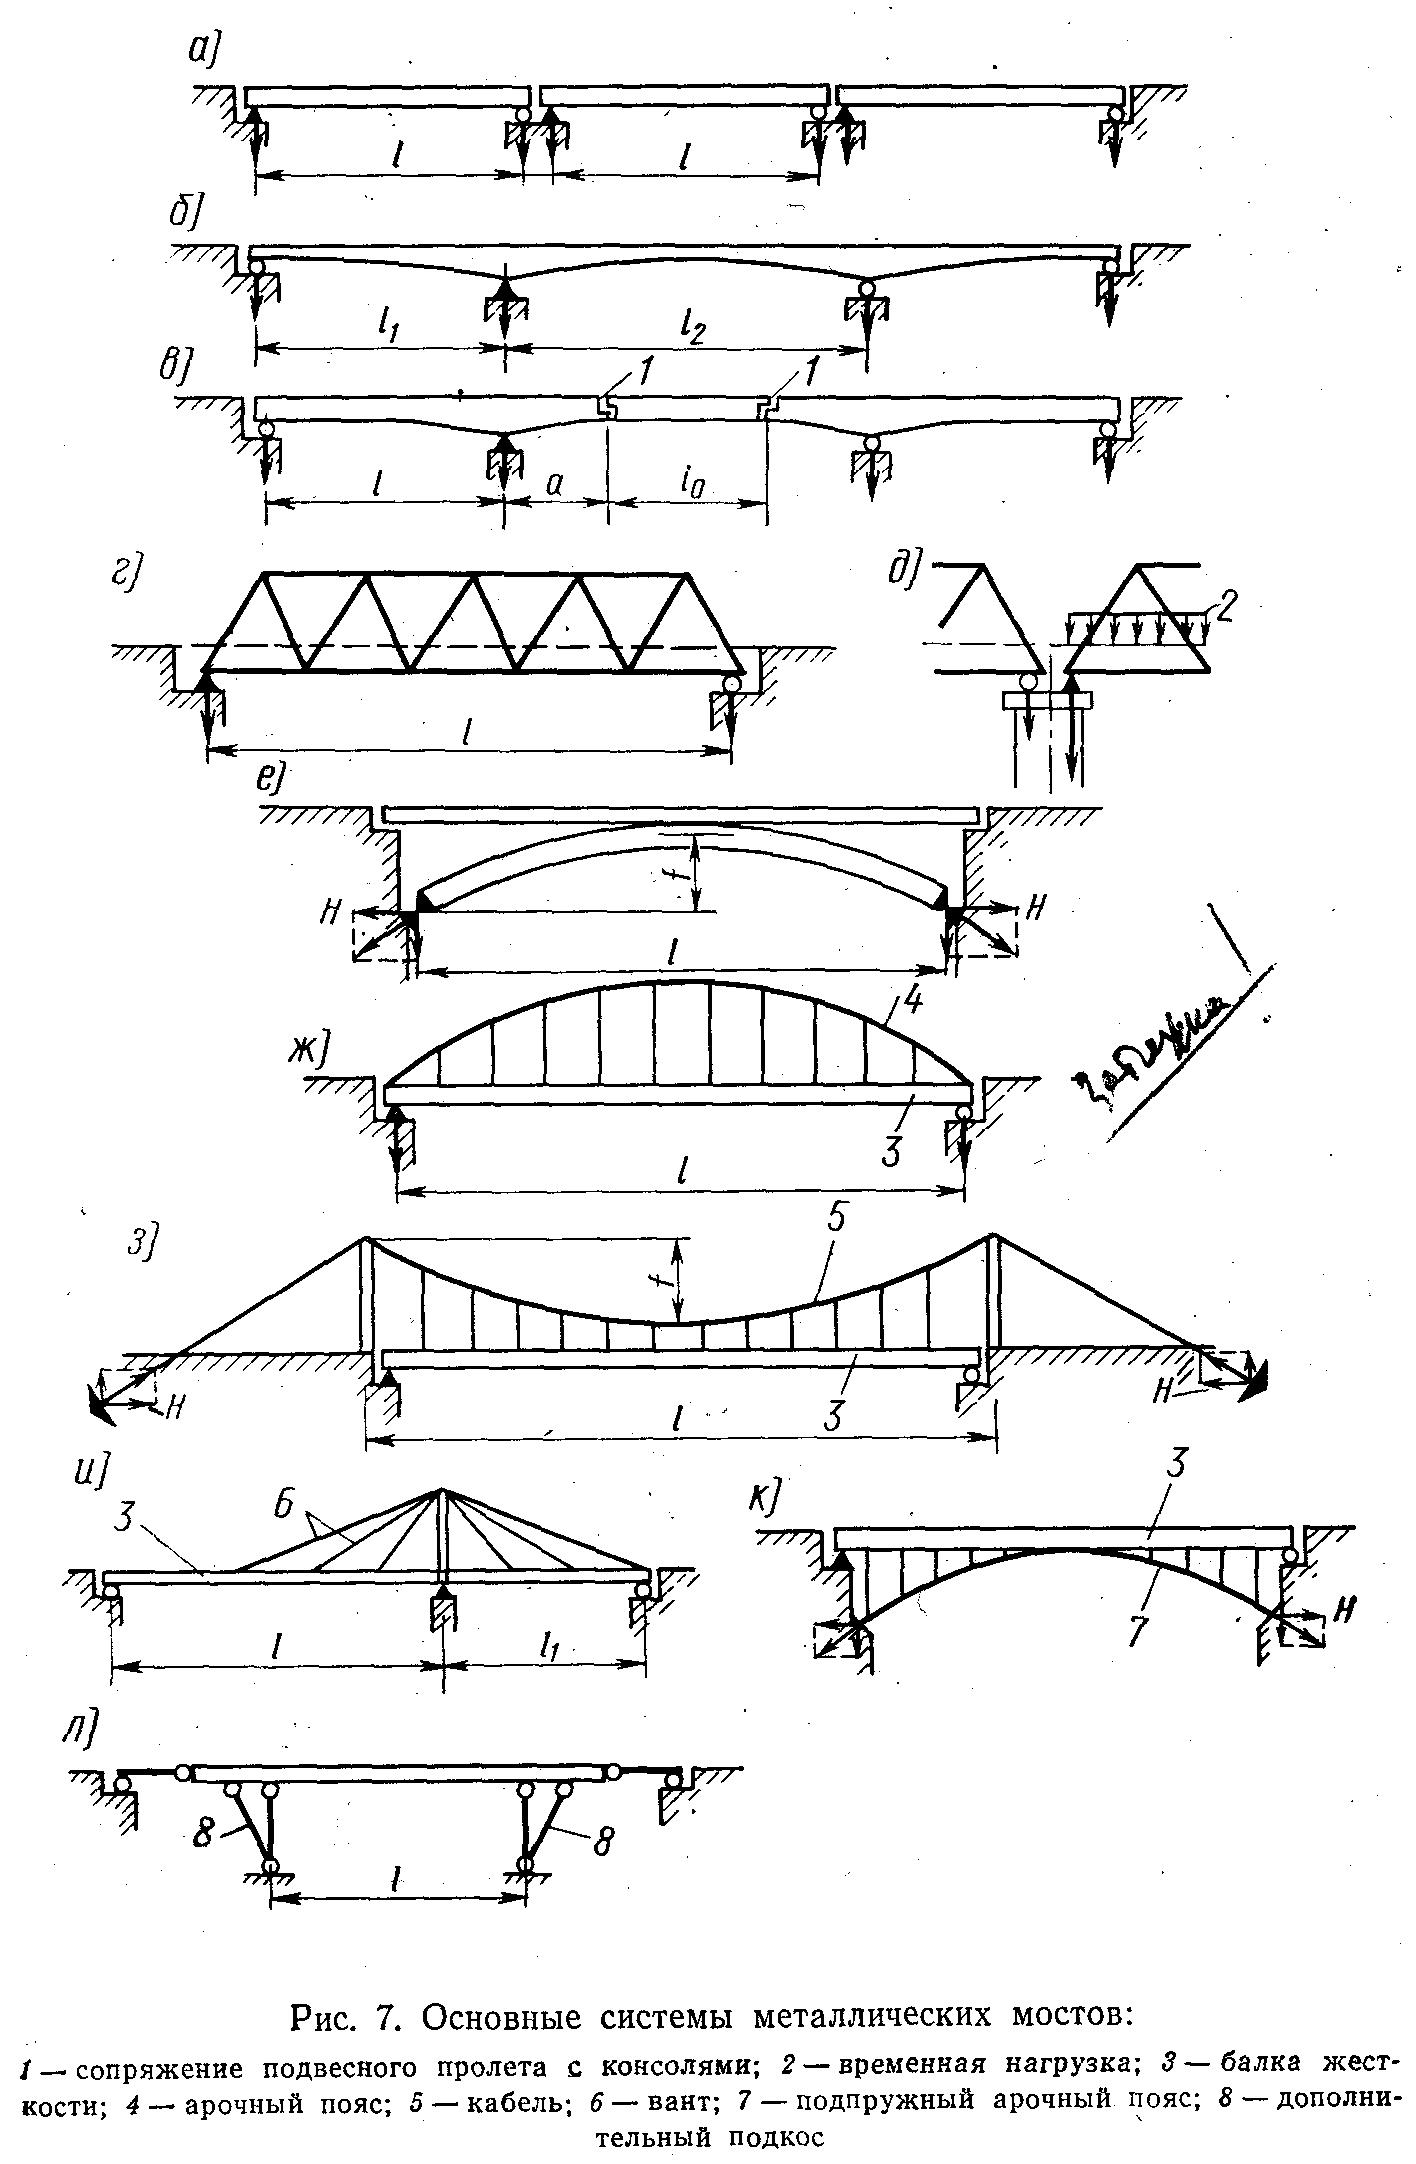 Конструкция металлических мостов реферат 5974